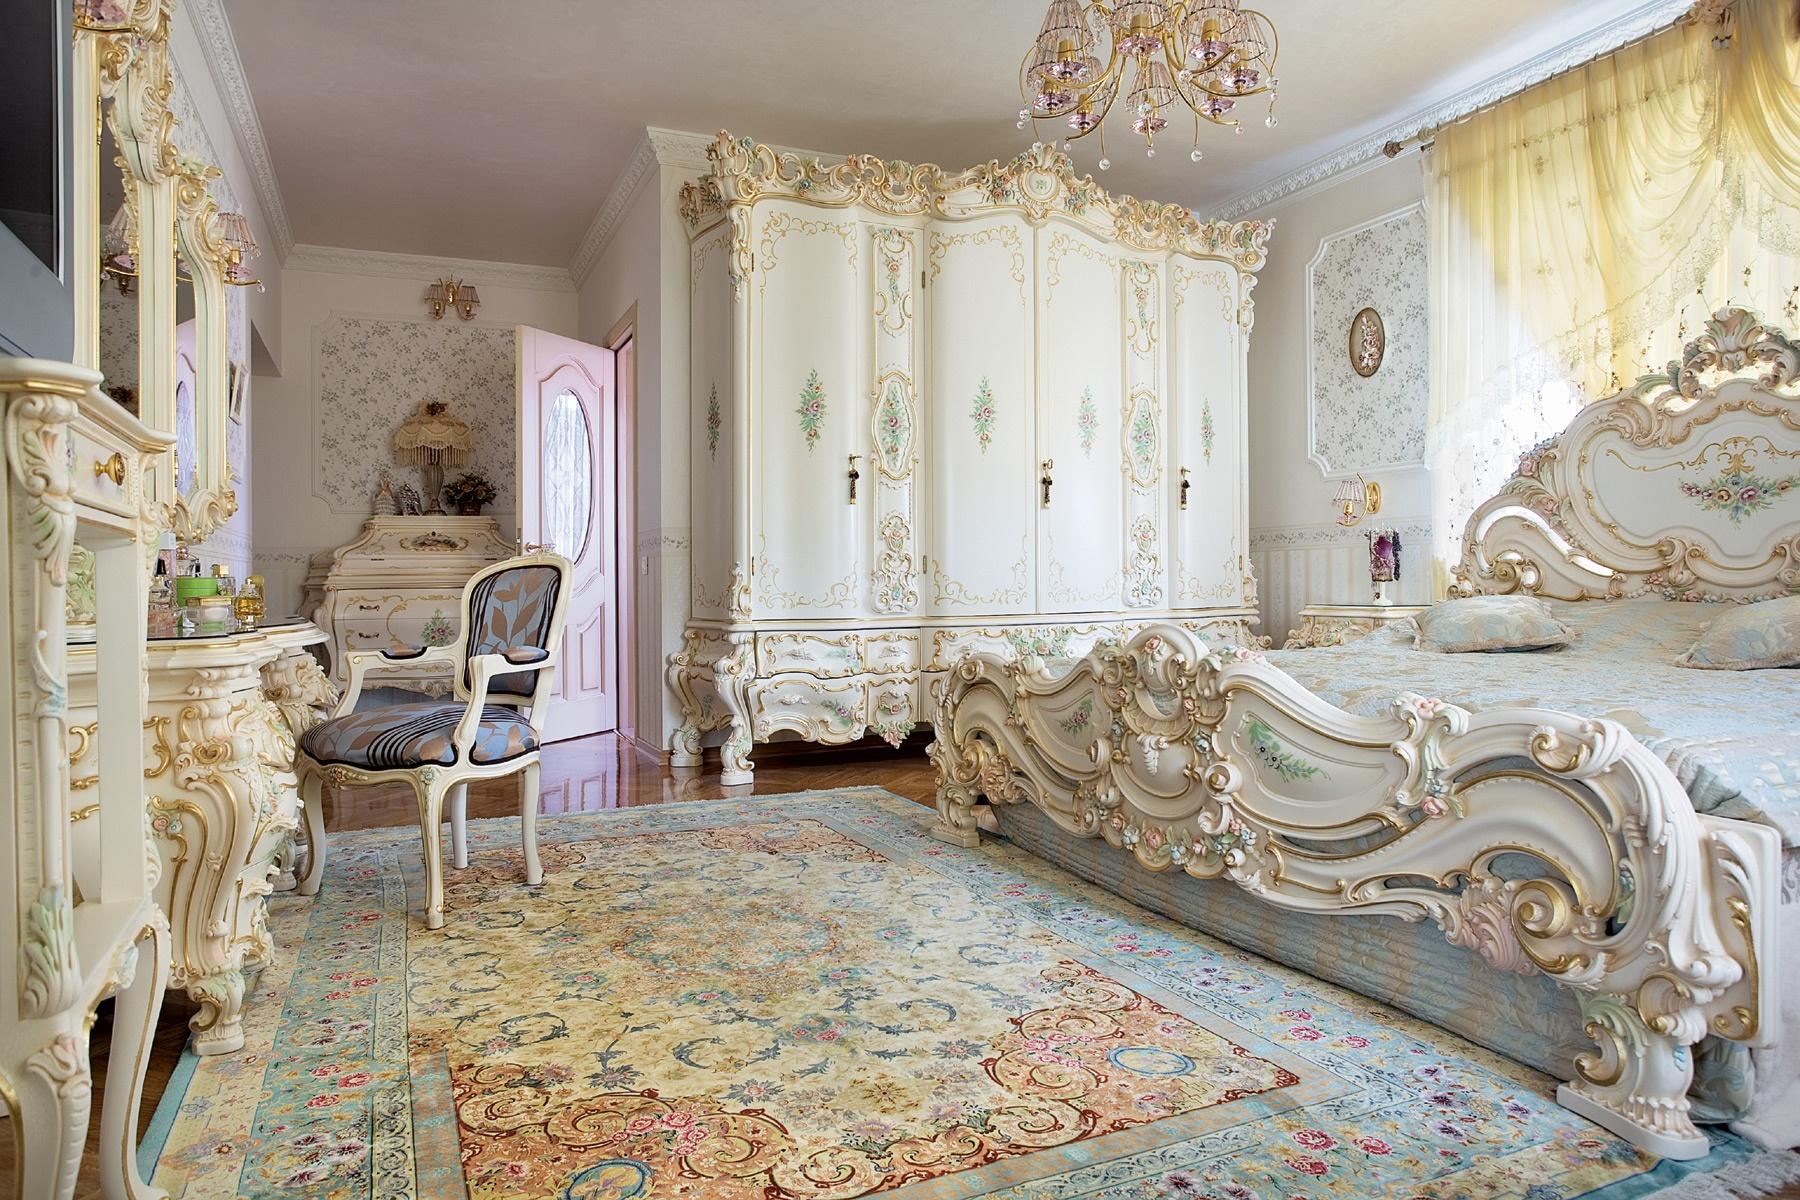 Стиль барокко в дизайне интерьера: 55 лучших фото